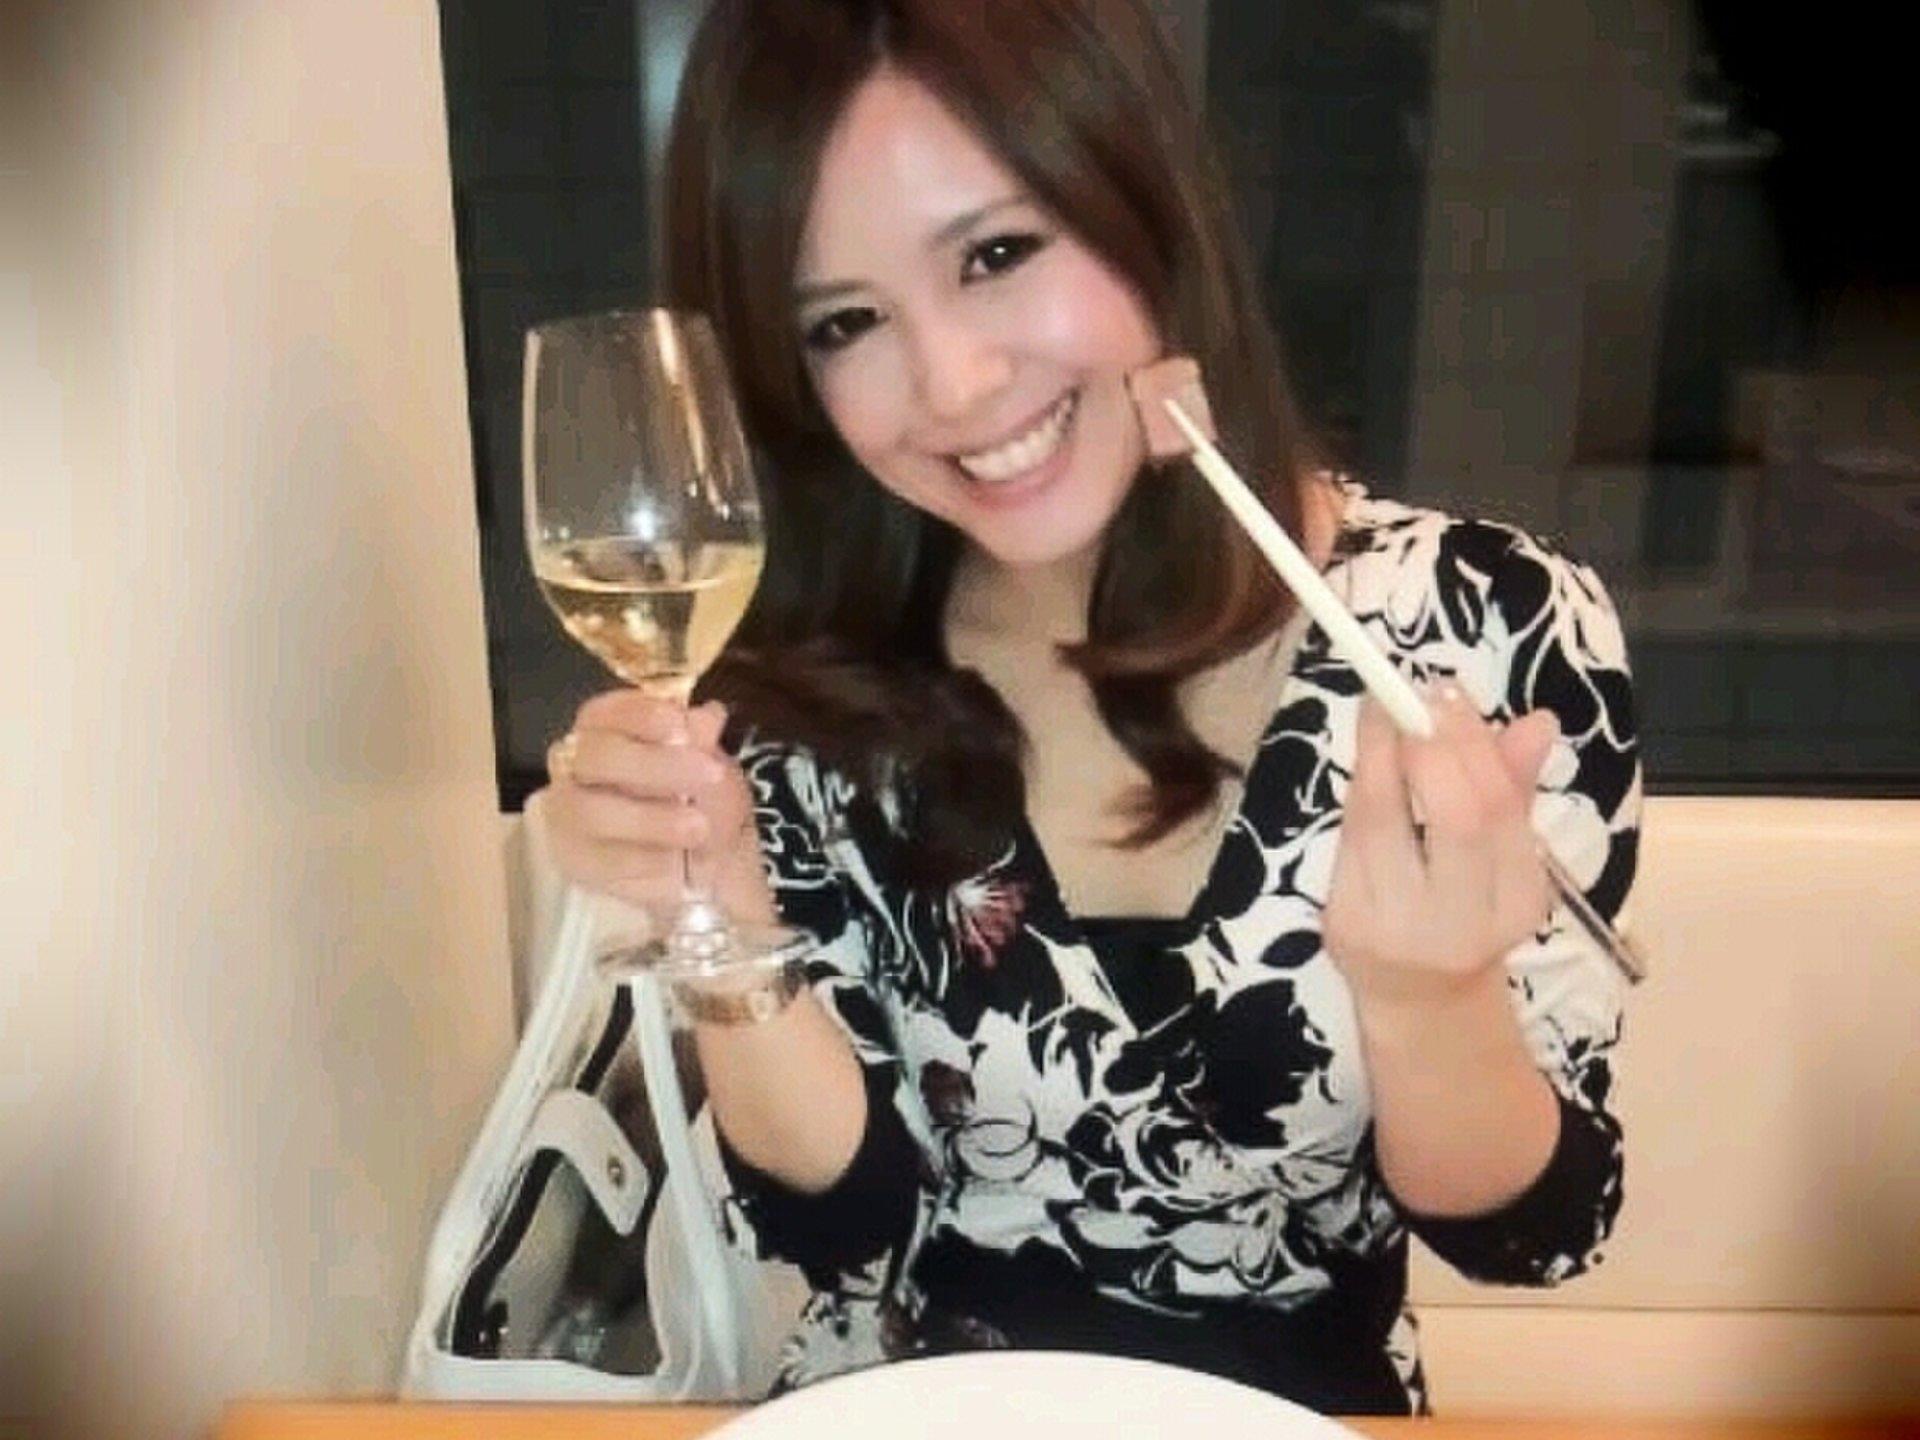 記念日や誕生日デートで行きたい銀座エリアのおすすめフレンチレストラン3選!